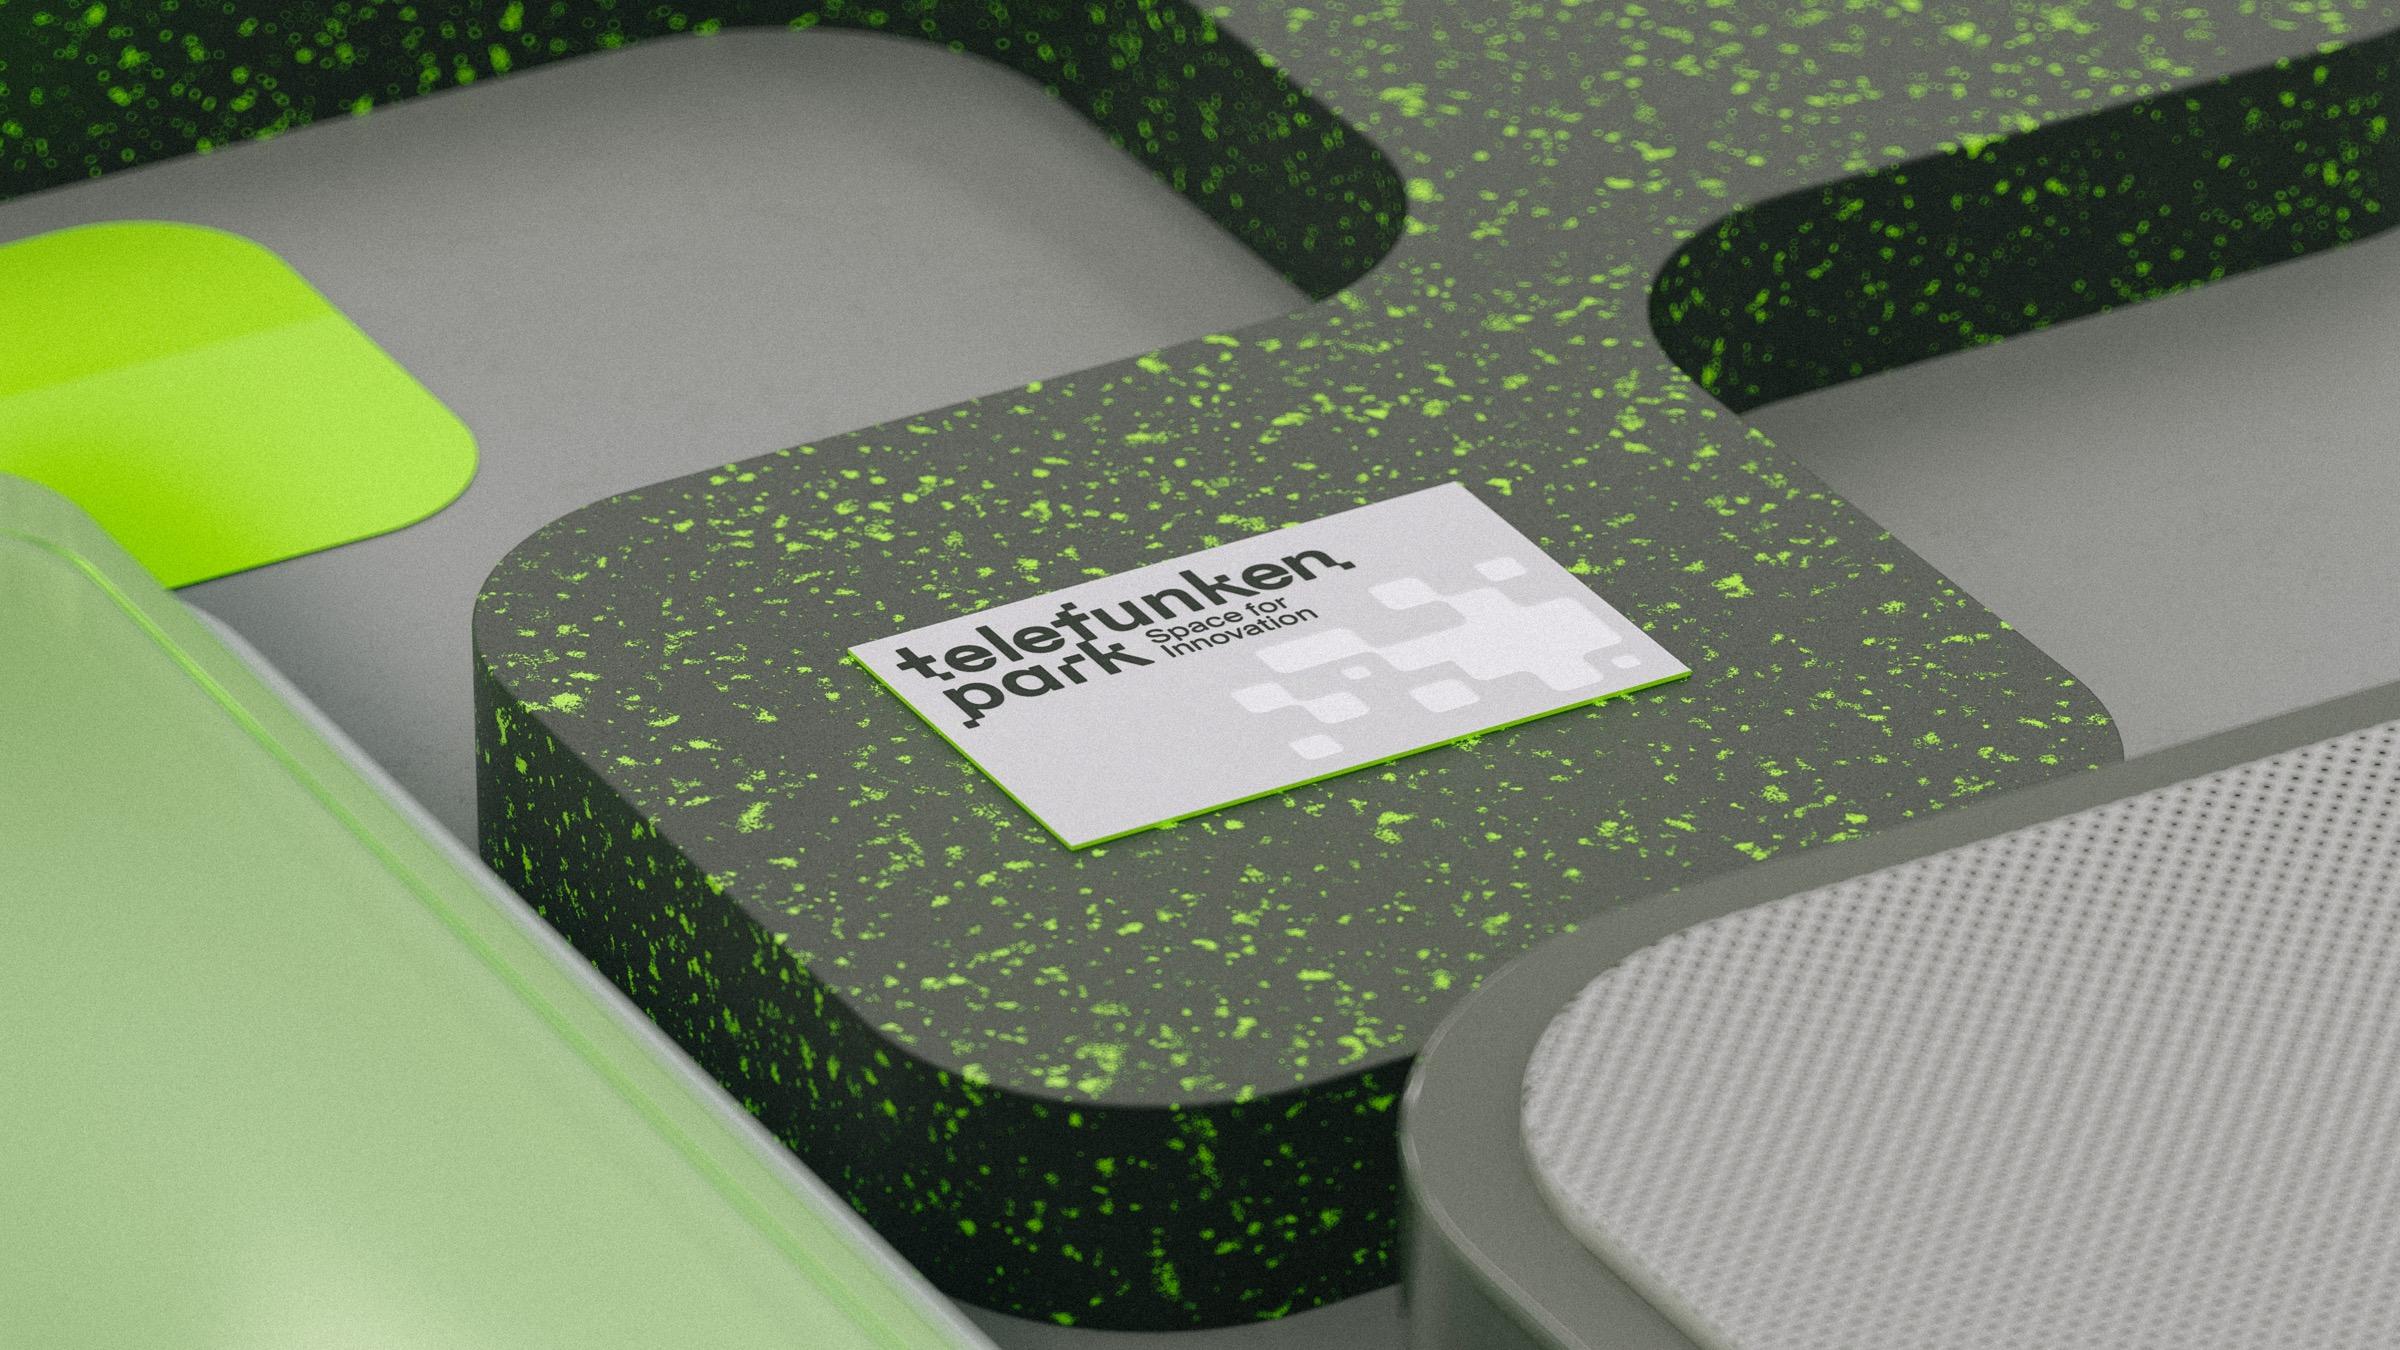 Visitenkarte fuer den businesspark in Heilbronn in dreidimensionalen renderings von Bareis & Nicolaus aus stuttgart und hamburg